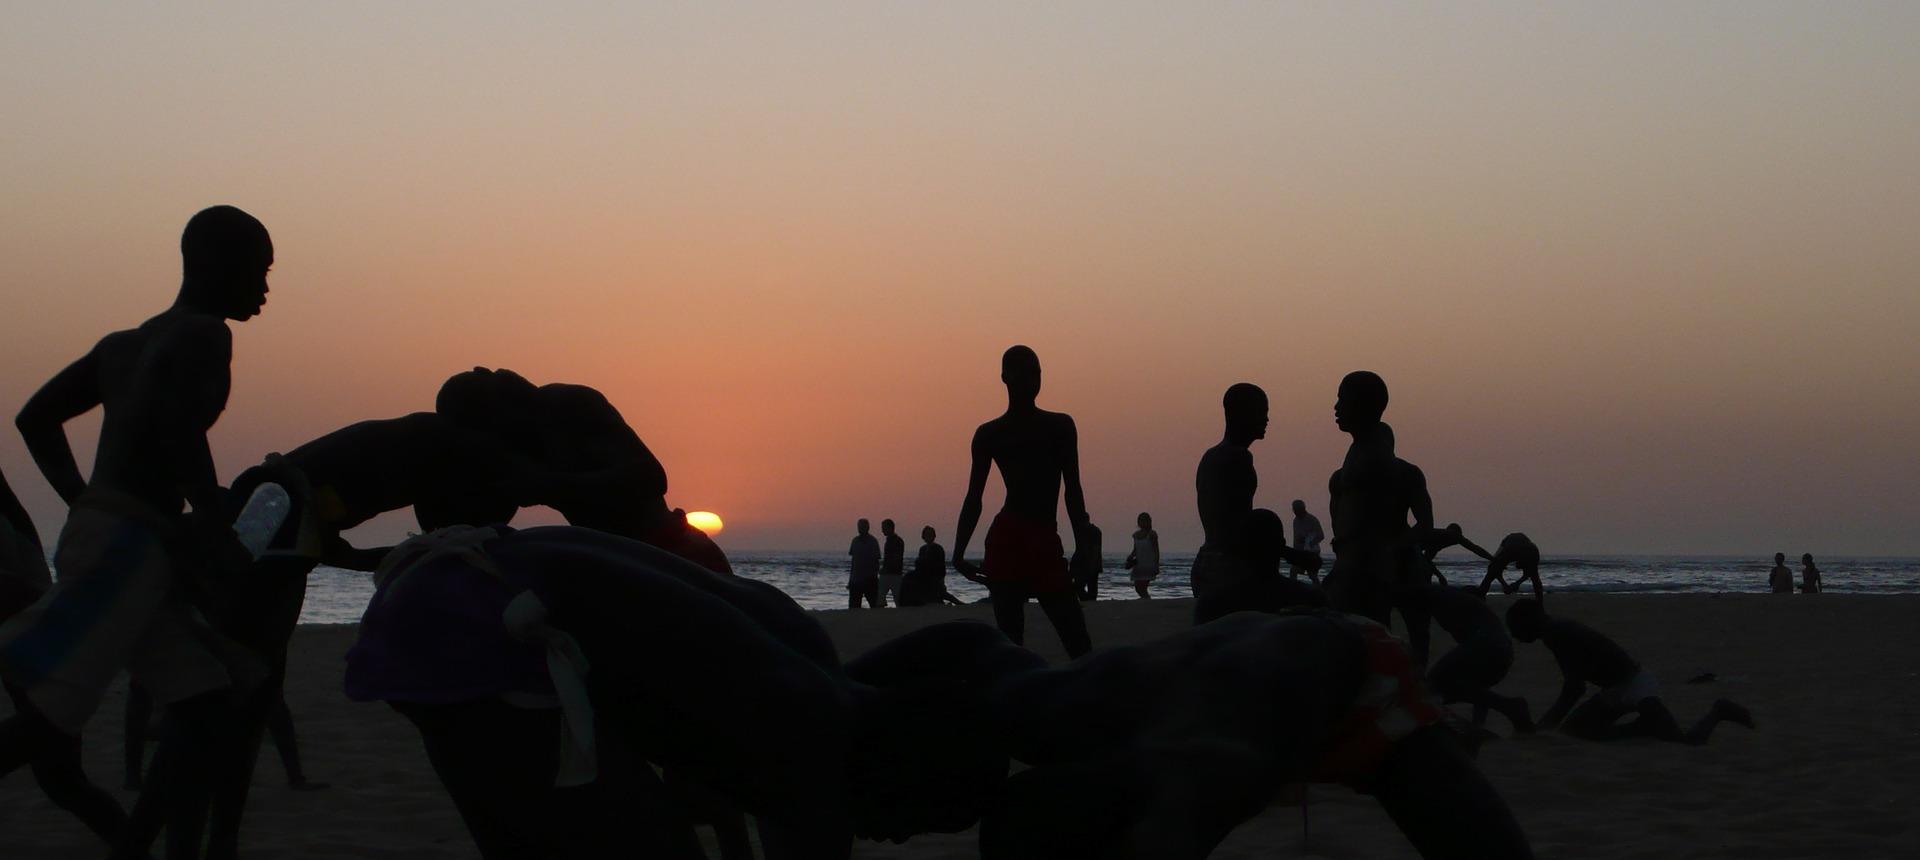 Sénégal : une série TV pour les droits des femmes